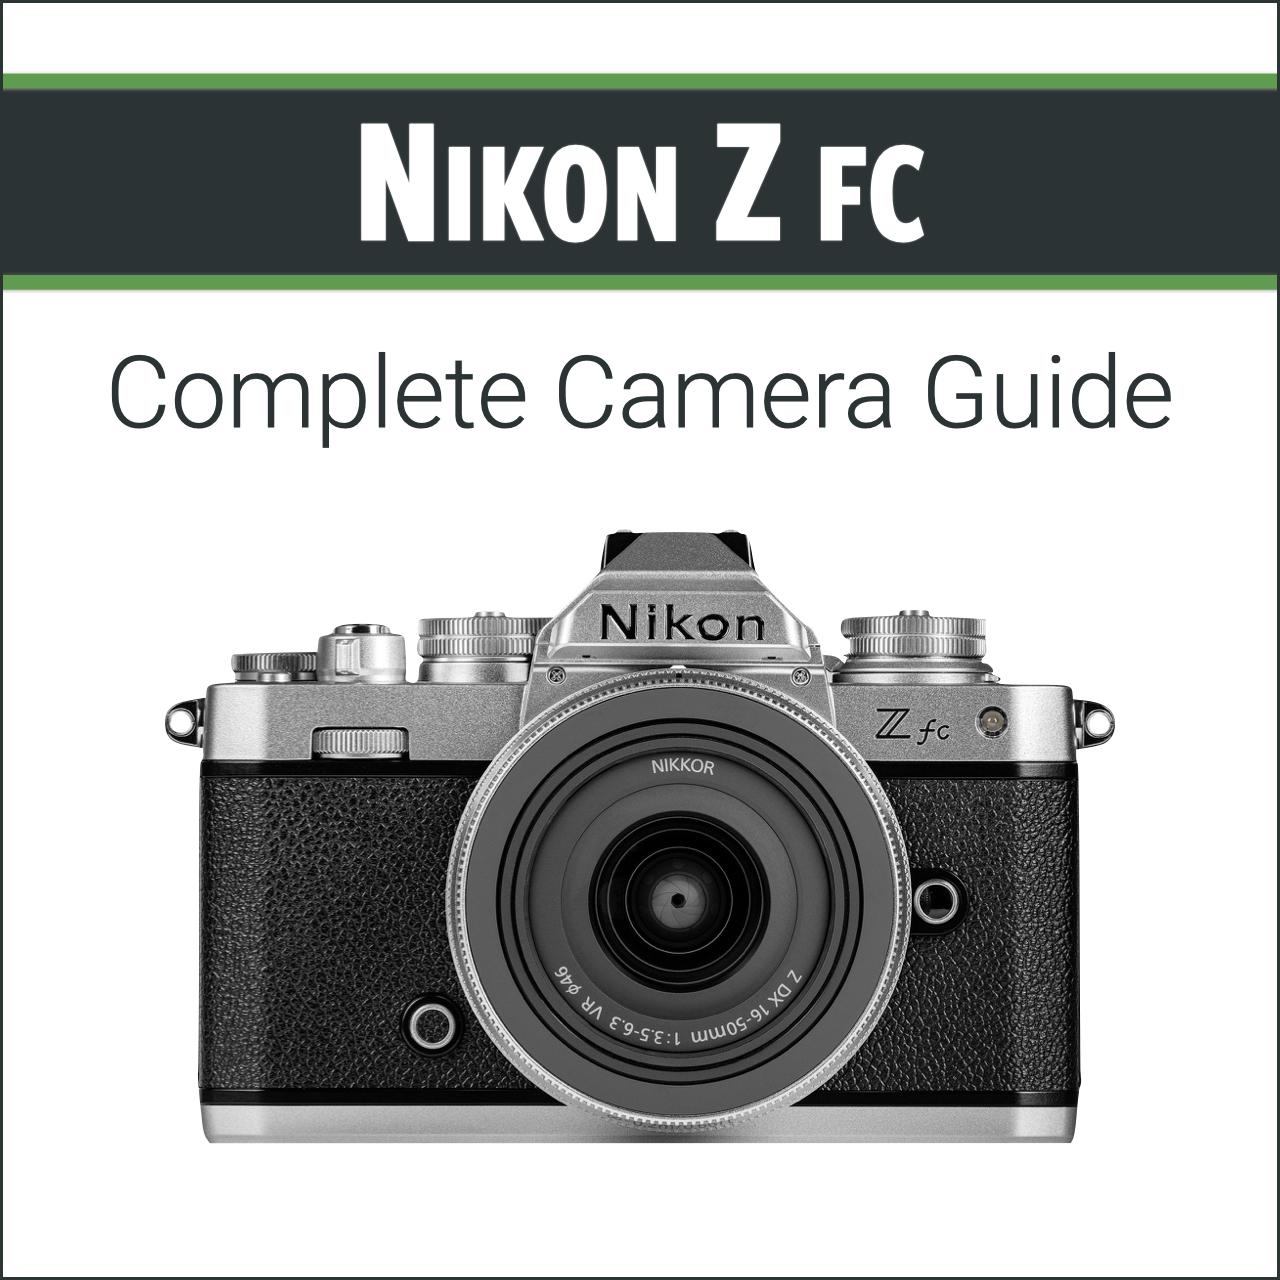 Nikon Z fc: Complete Camera Guide